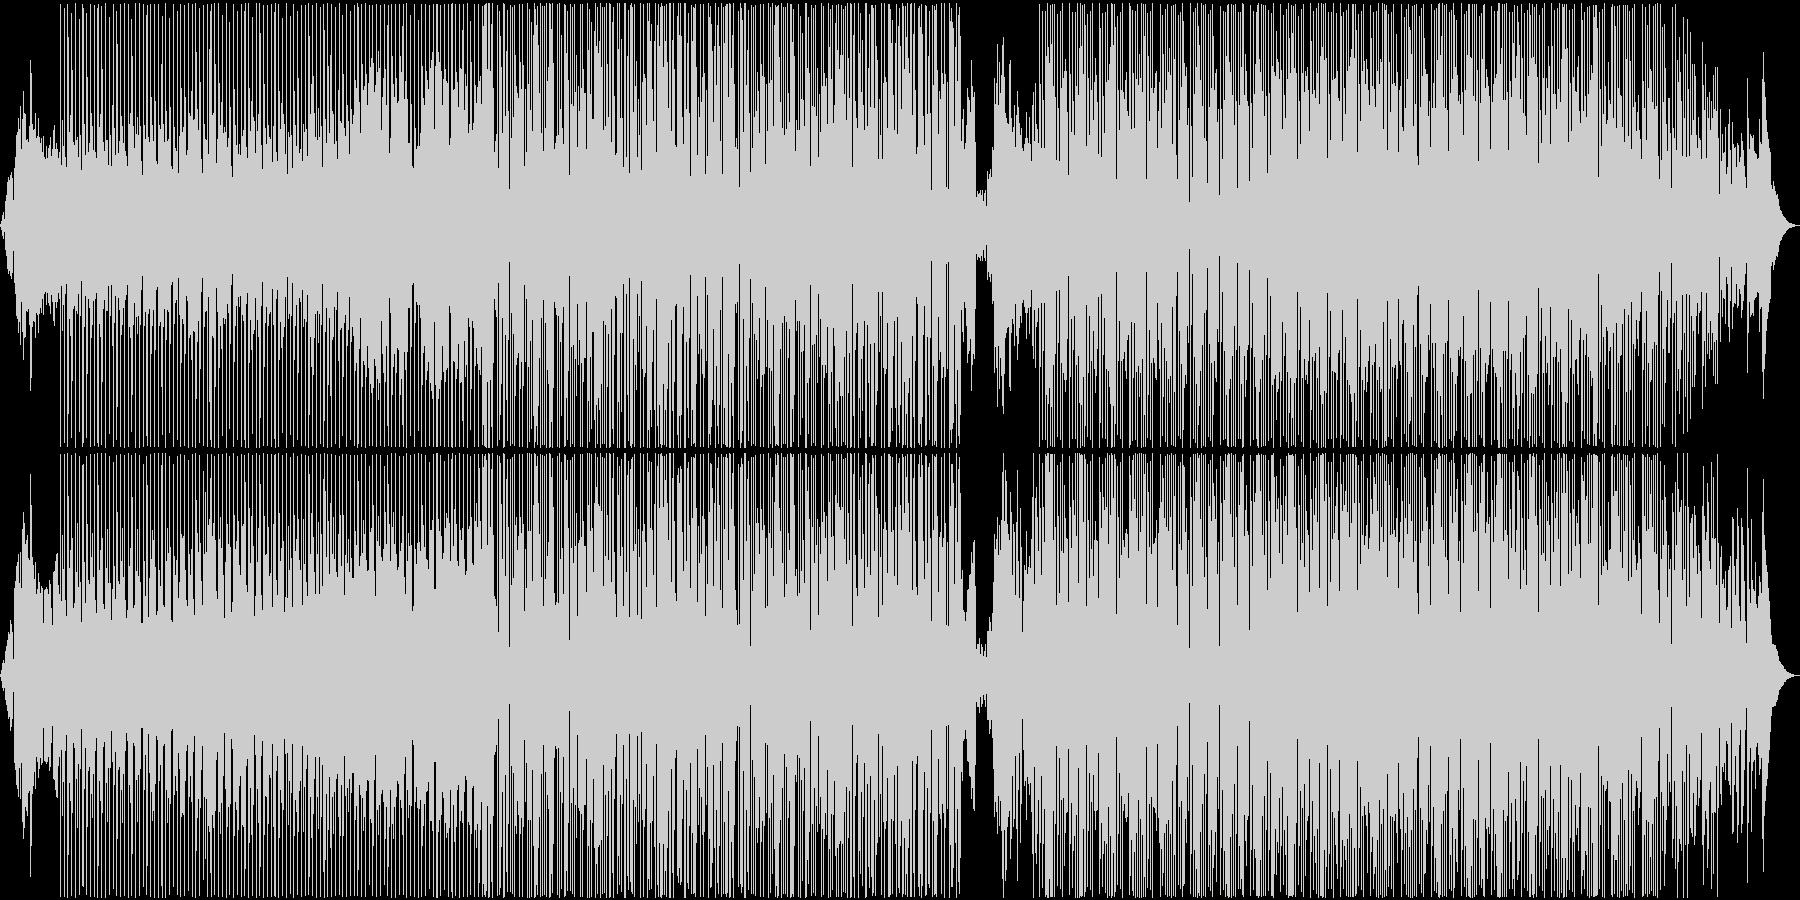 ファンキーでノリのいいダンスBGMの未再生の波形